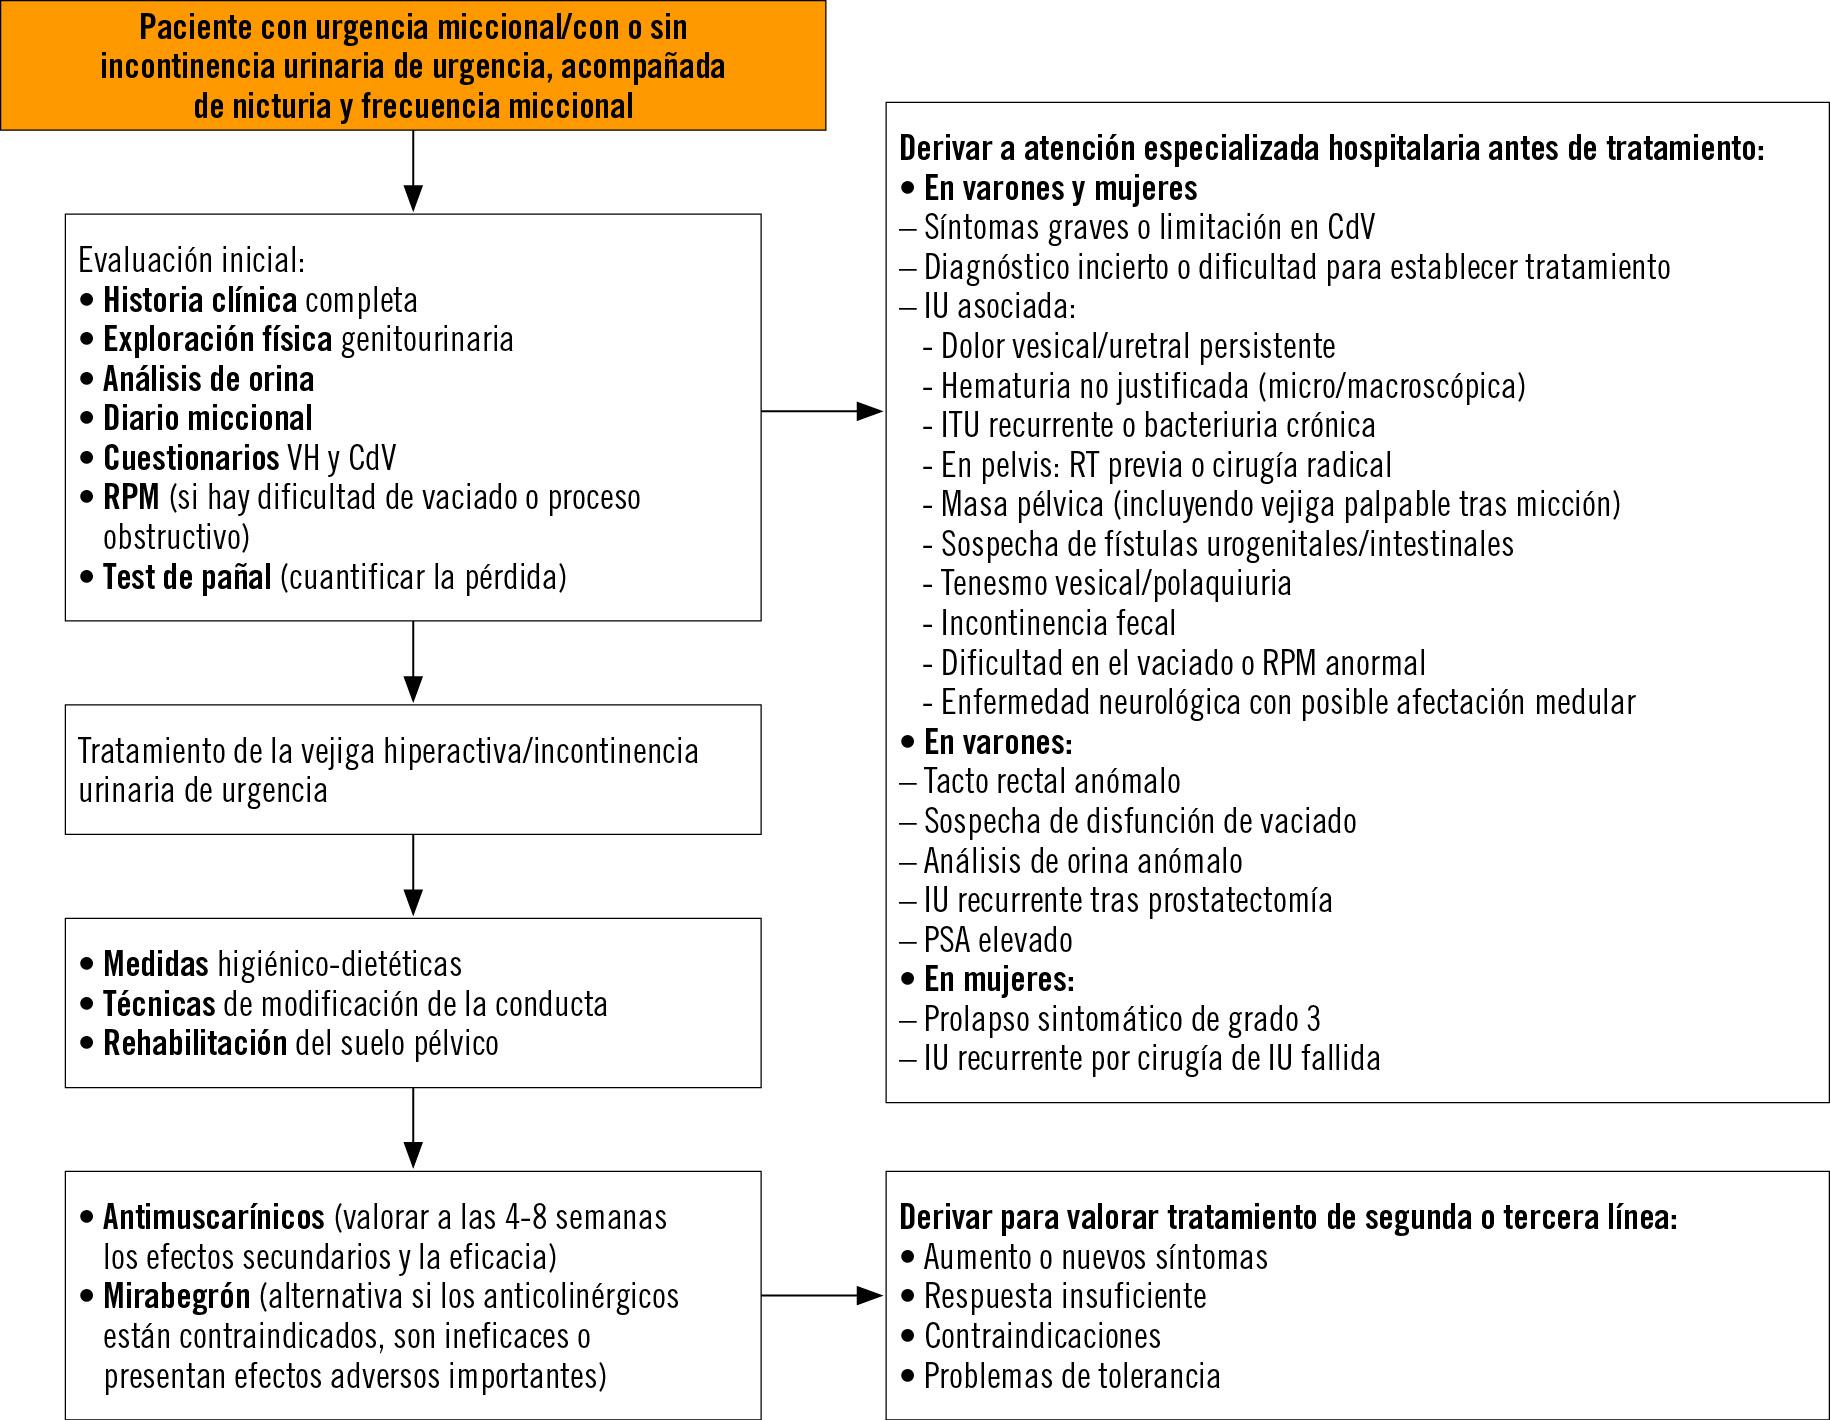 prueba de embarazo positiva cálculos de próstata y vejiga